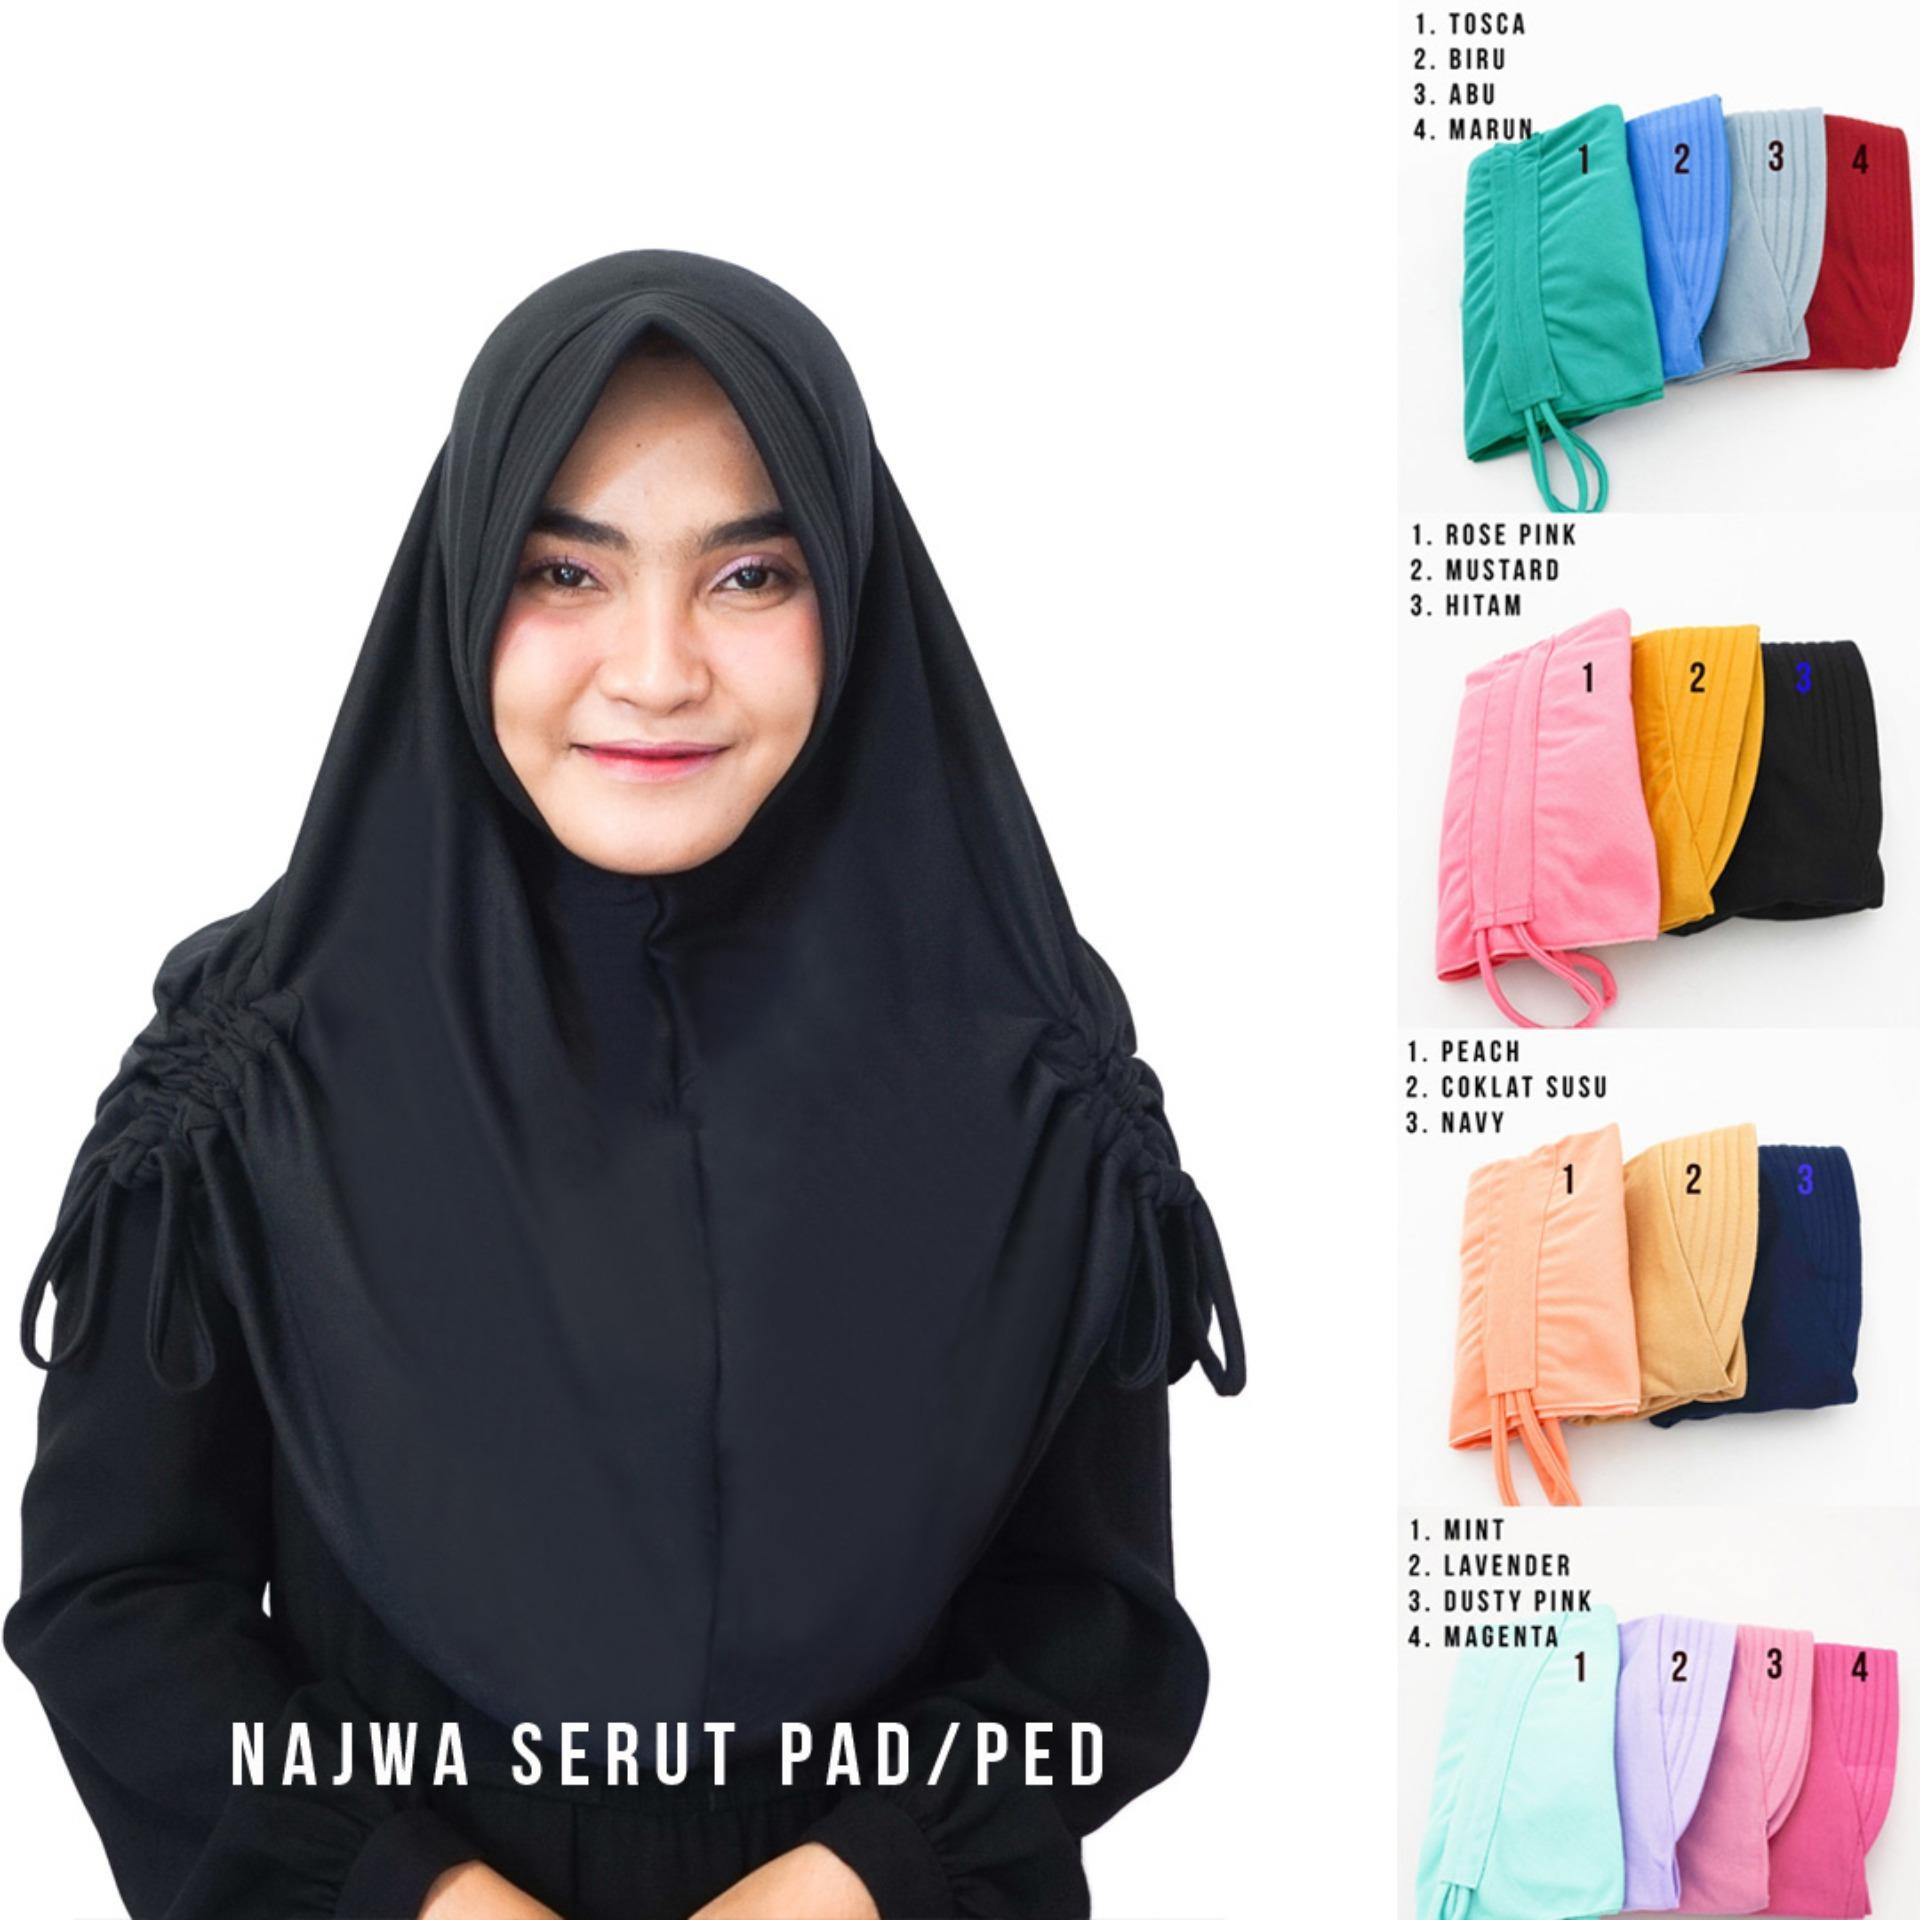 Hijab Najwa PAD/PED Serut Jilbab Instan Kerudung Khimar Instan